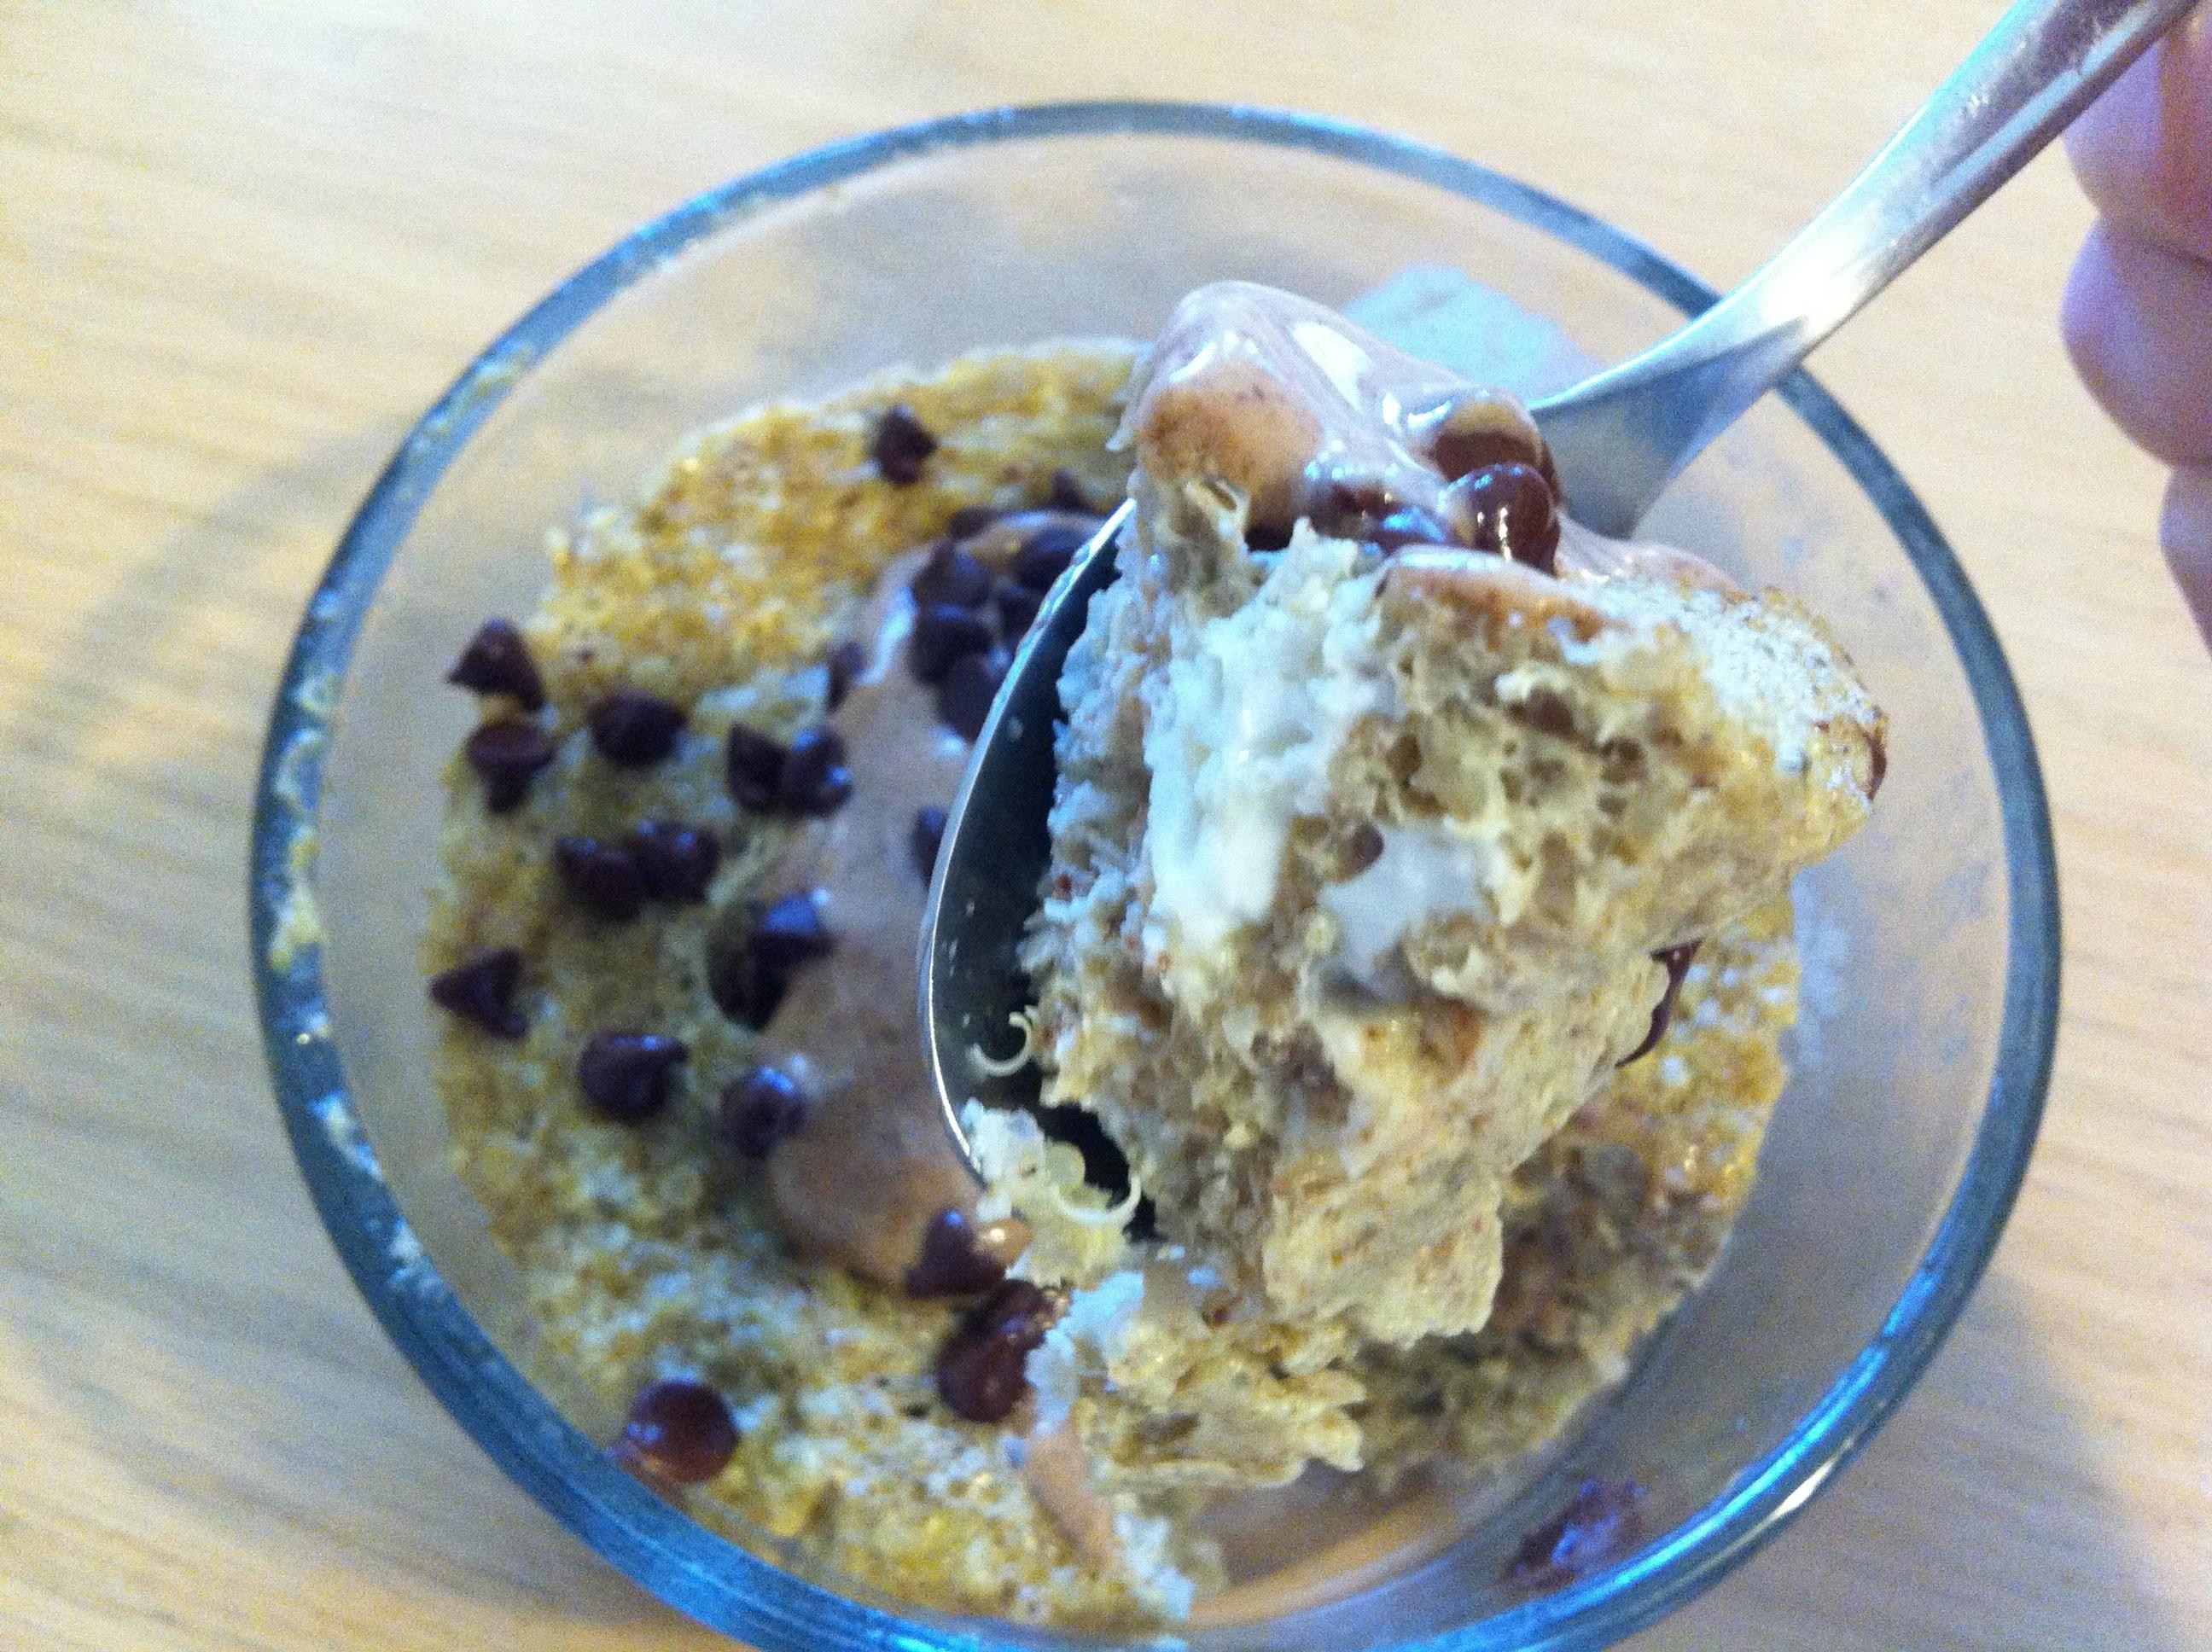 Banana Quinoa Breakfast Bake